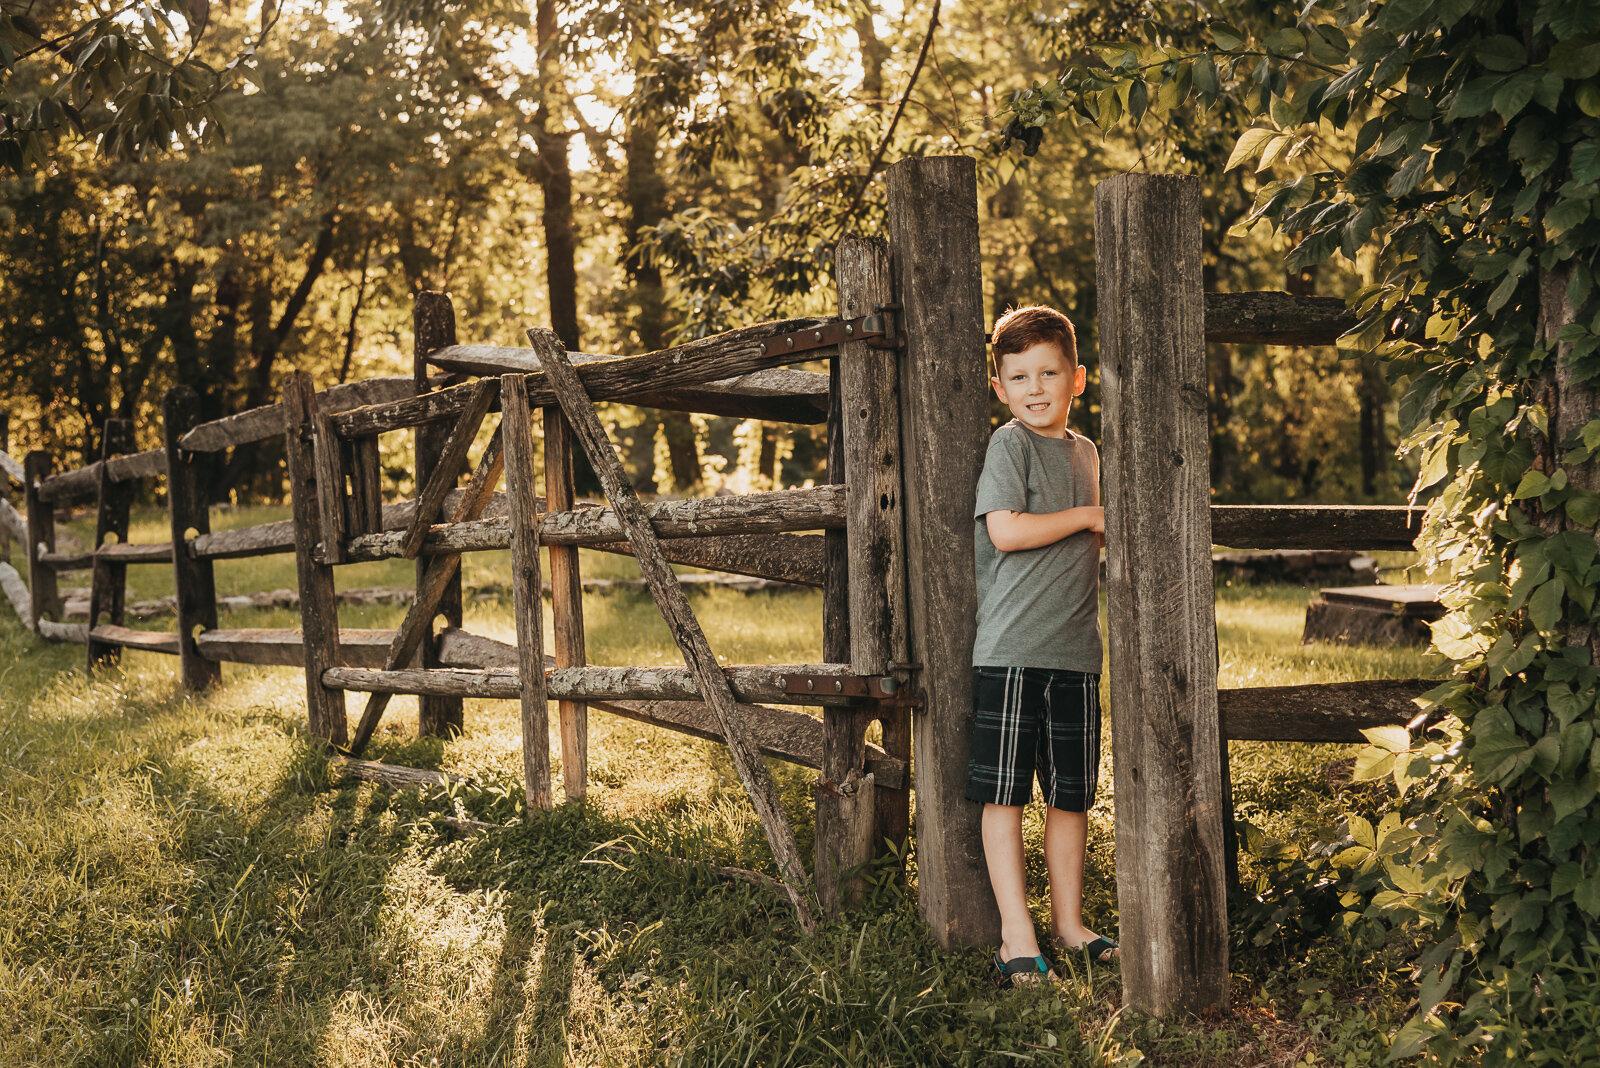 Morristown nj Family Photographer16.jpg